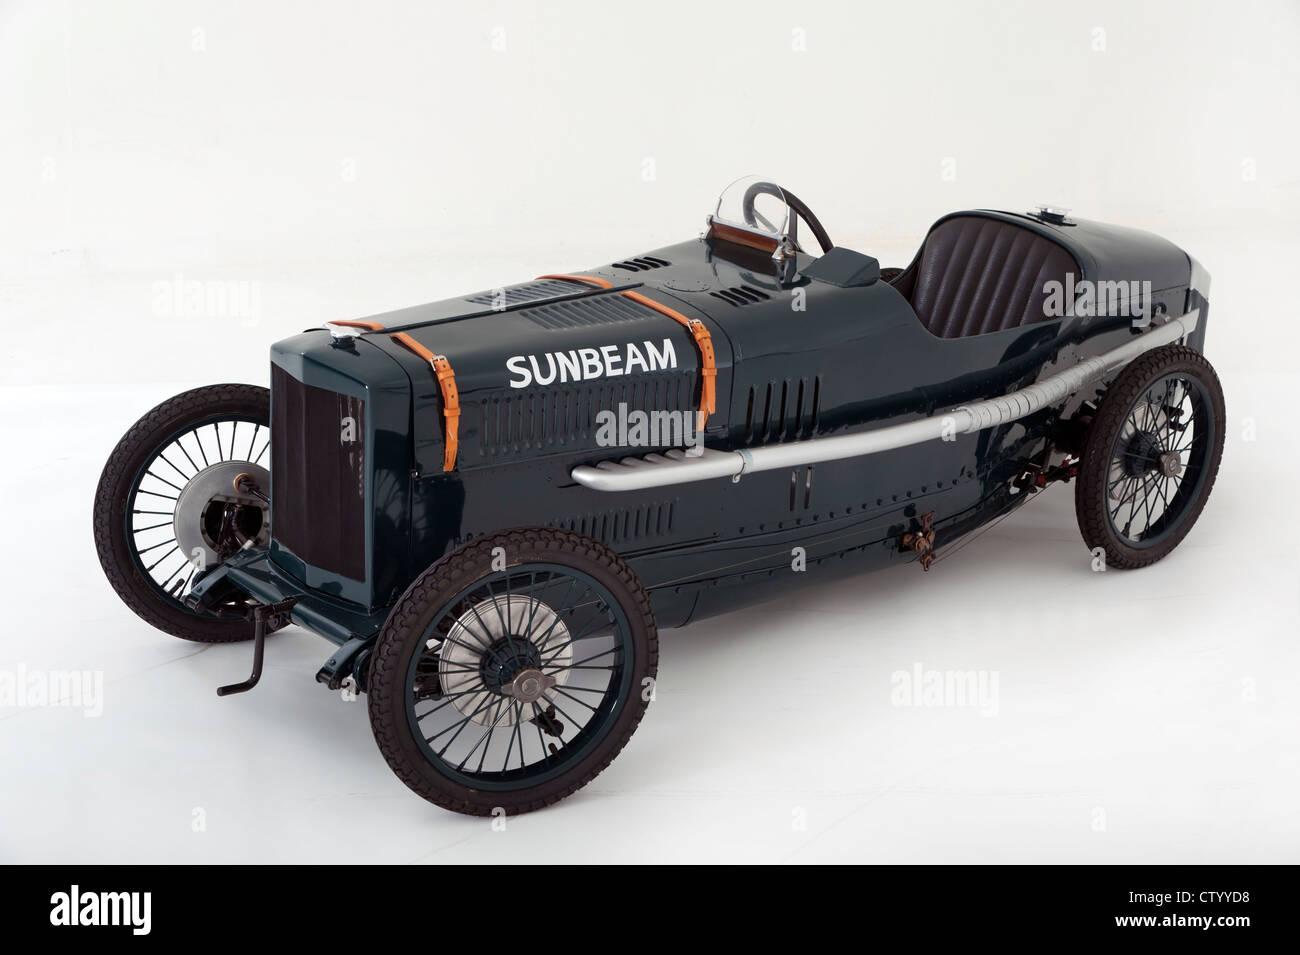 Sunbeam Cub child's motorised pedal car replica - Stock Image